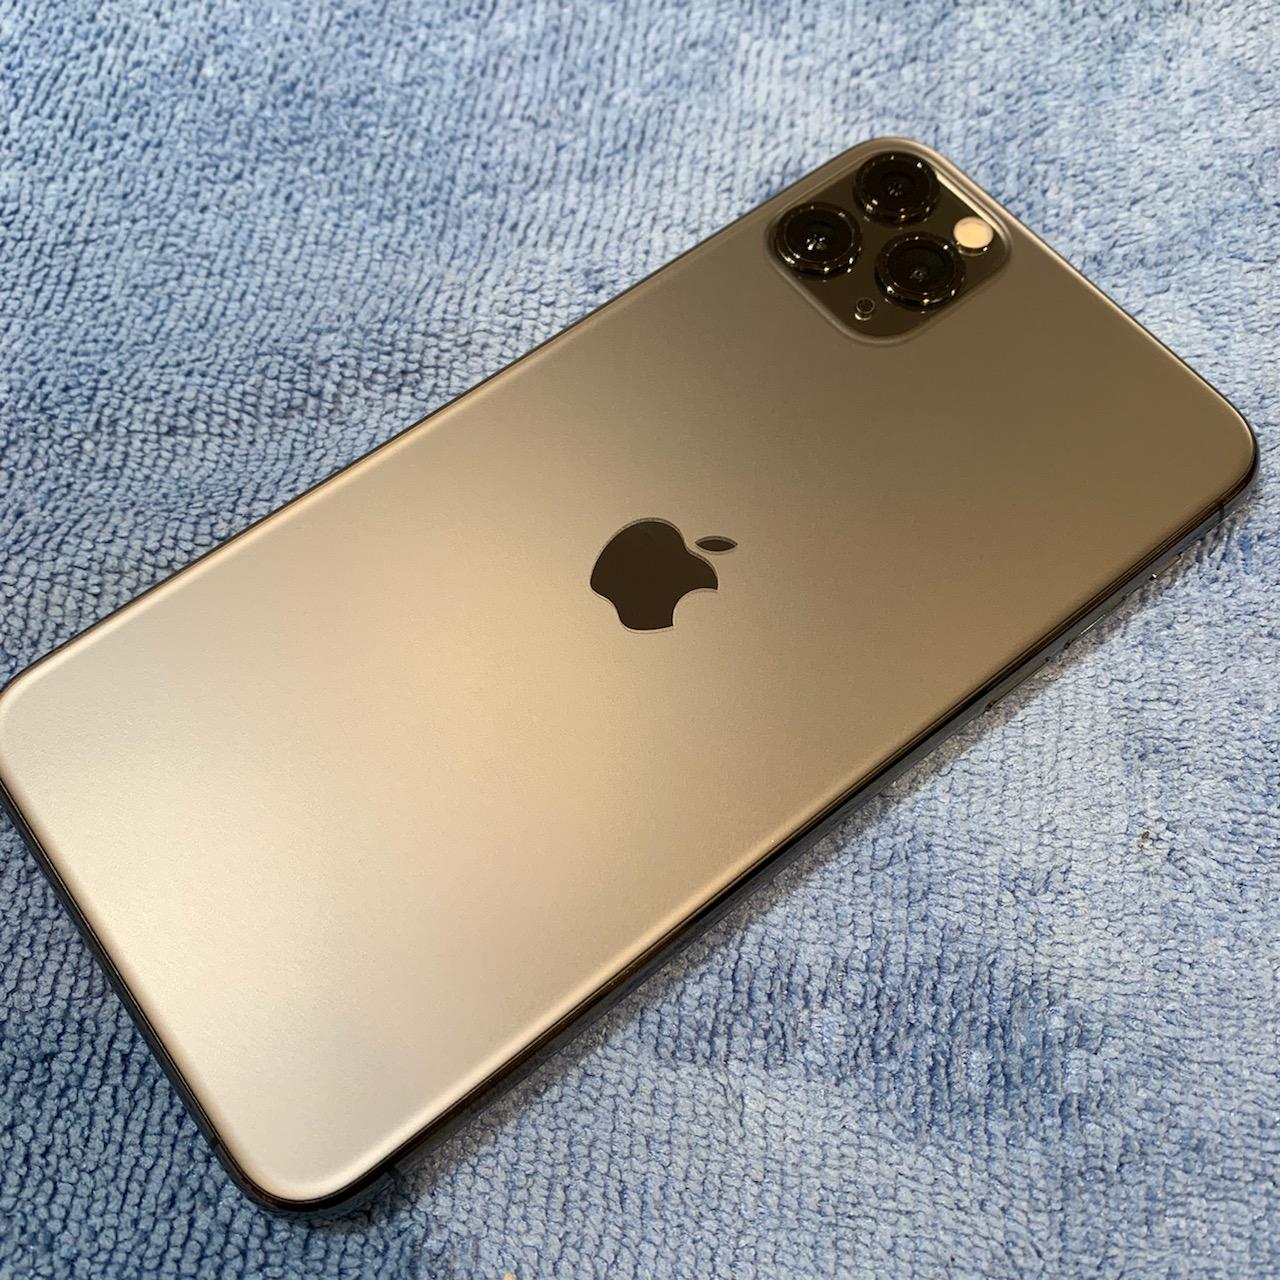 【iPhone修理】ガラスコーティングで最強クラスの強度へ!!さらに上から強化ガラス貼り付けで2重に強度UP✨スマートクールつかしん店なら約10分で完了!《尼崎・伊丹・宝塚・川西》